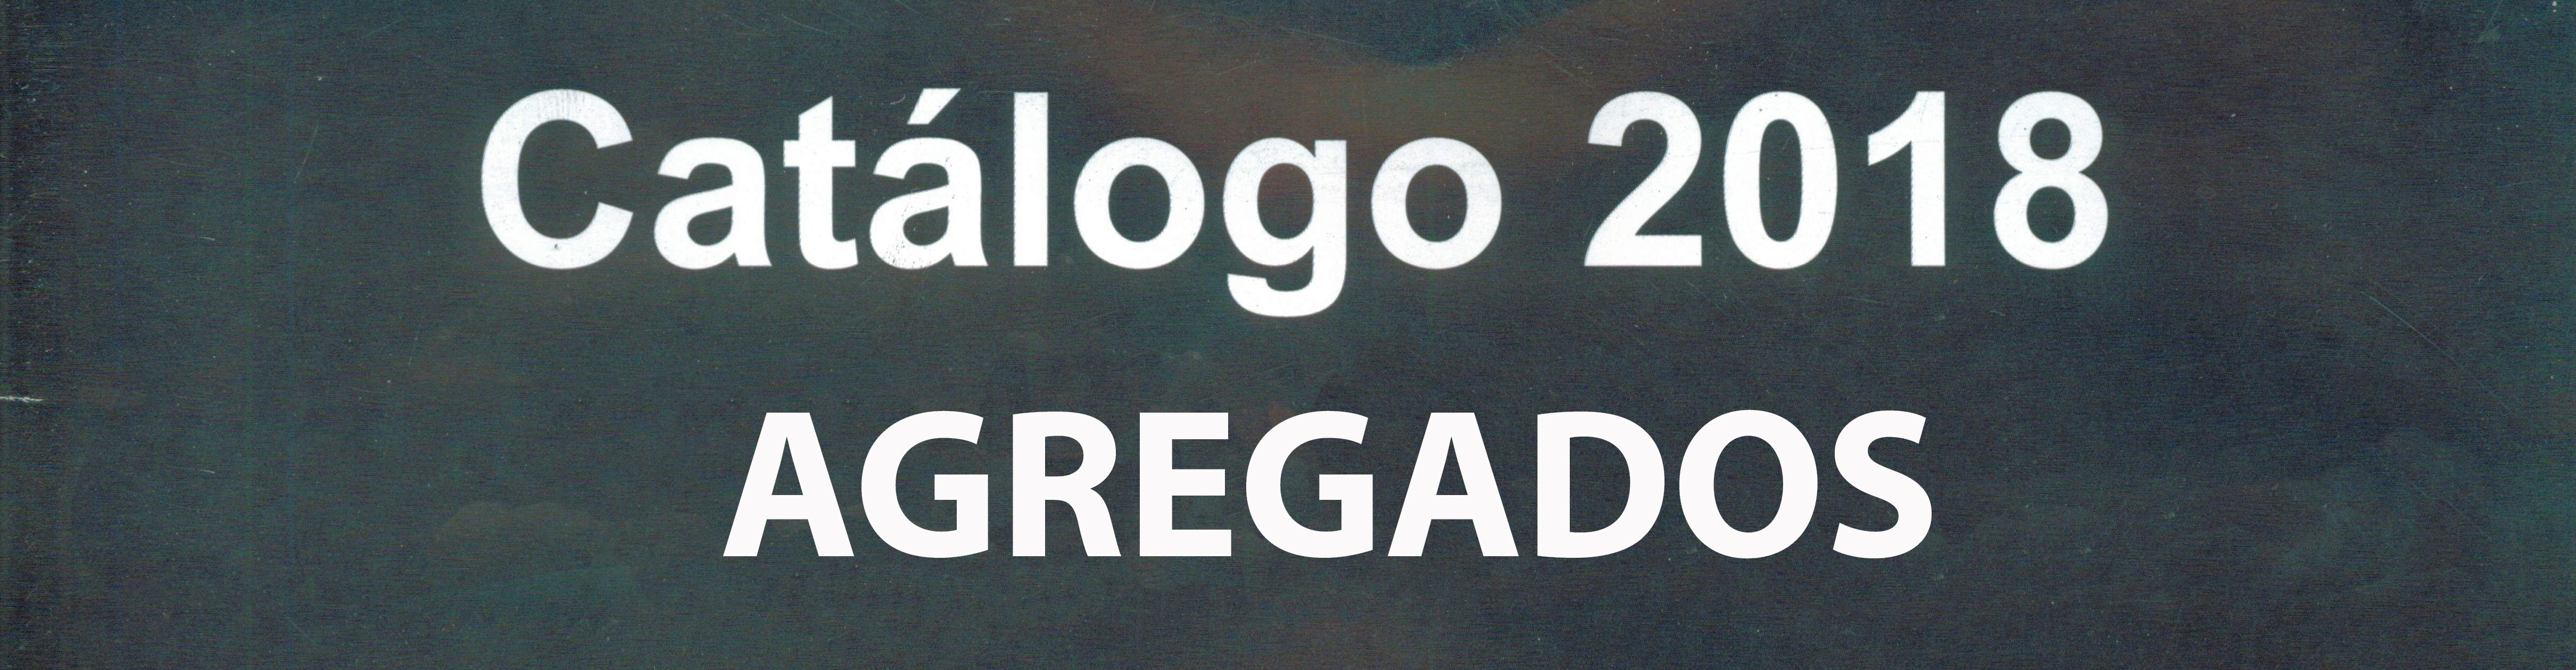 AGREGADOS CATALOGO 2018 (JUNIO 2019)